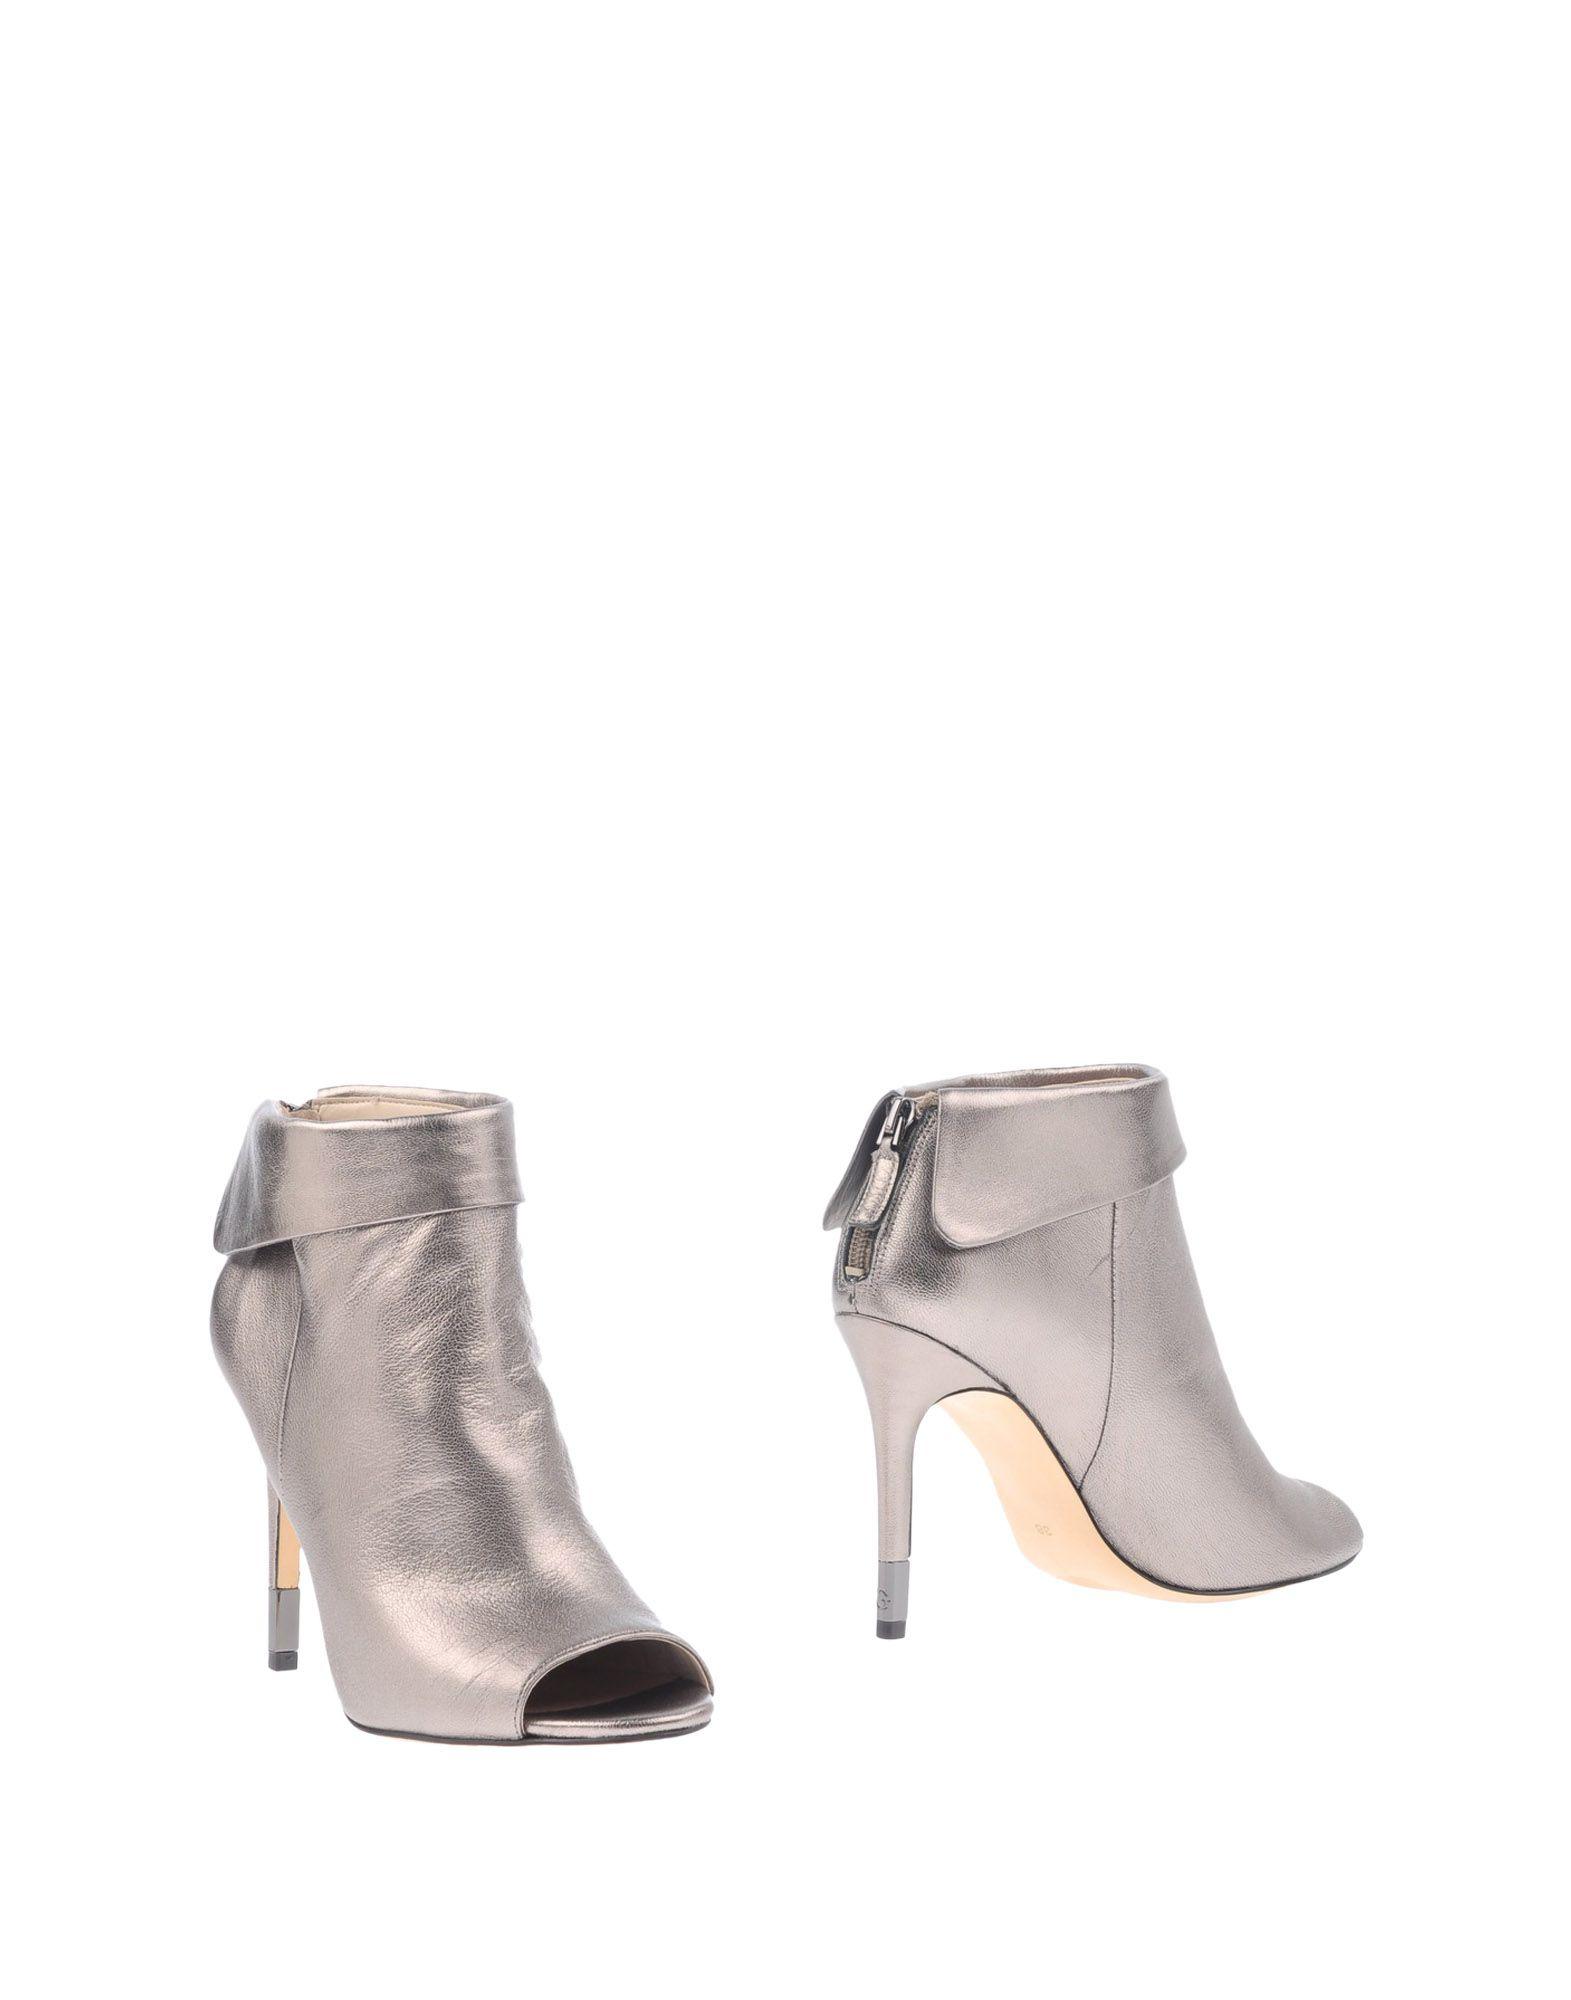 Bottine Guess Femme - Bottines Guess Argent populaires Les chaussures les  plus populaires Argent pour les d1782886c0a2